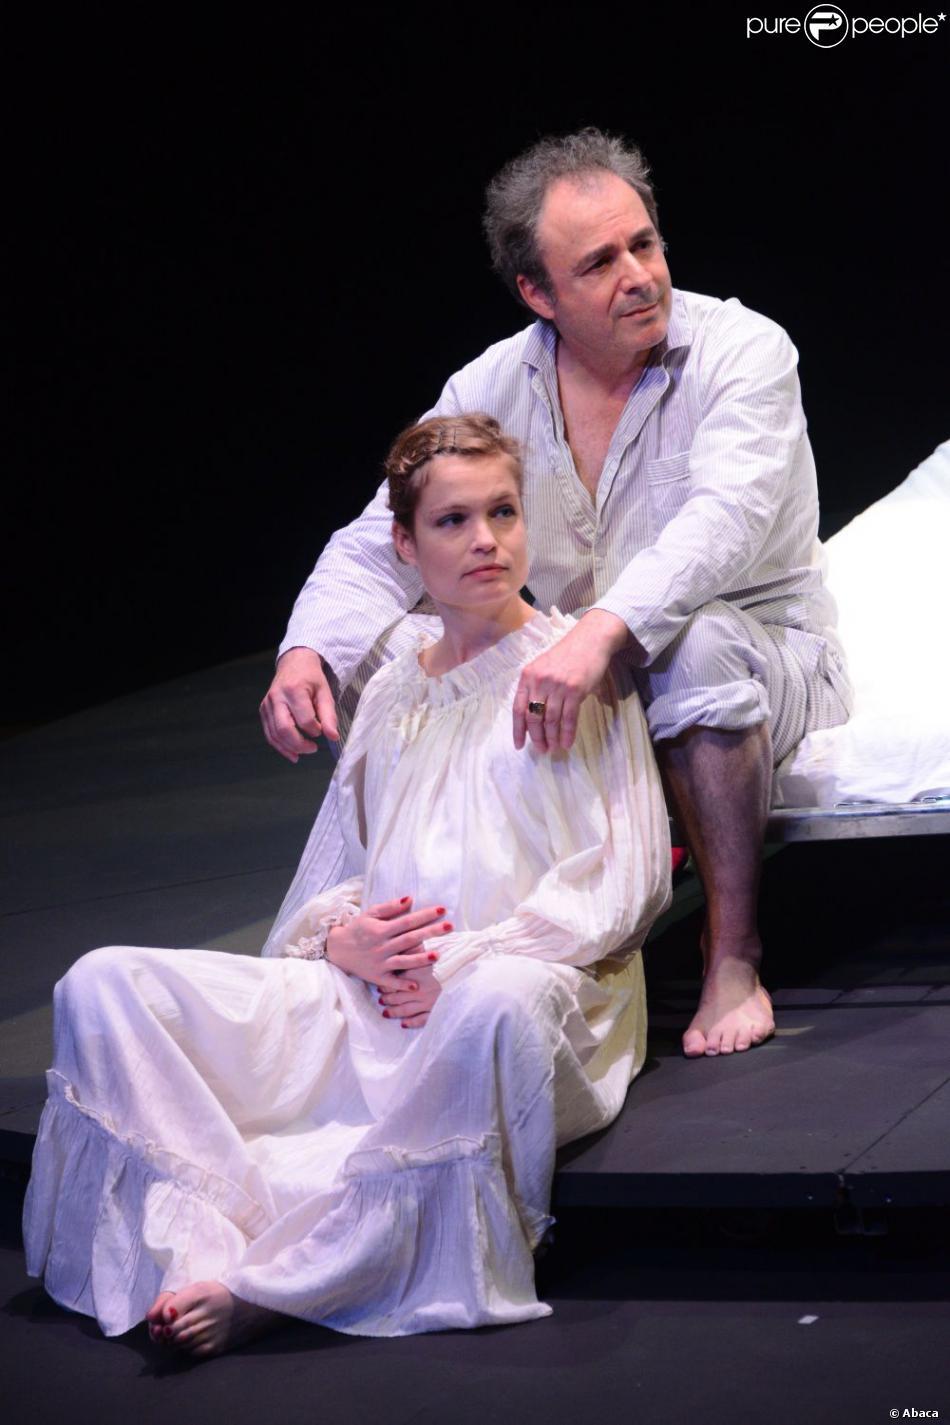 Sarah Biasini et Robert Malaka dans  Zéro s'est endormi  au Théâtre Artistic Athévains, à Paris le 3 novembre 2012.